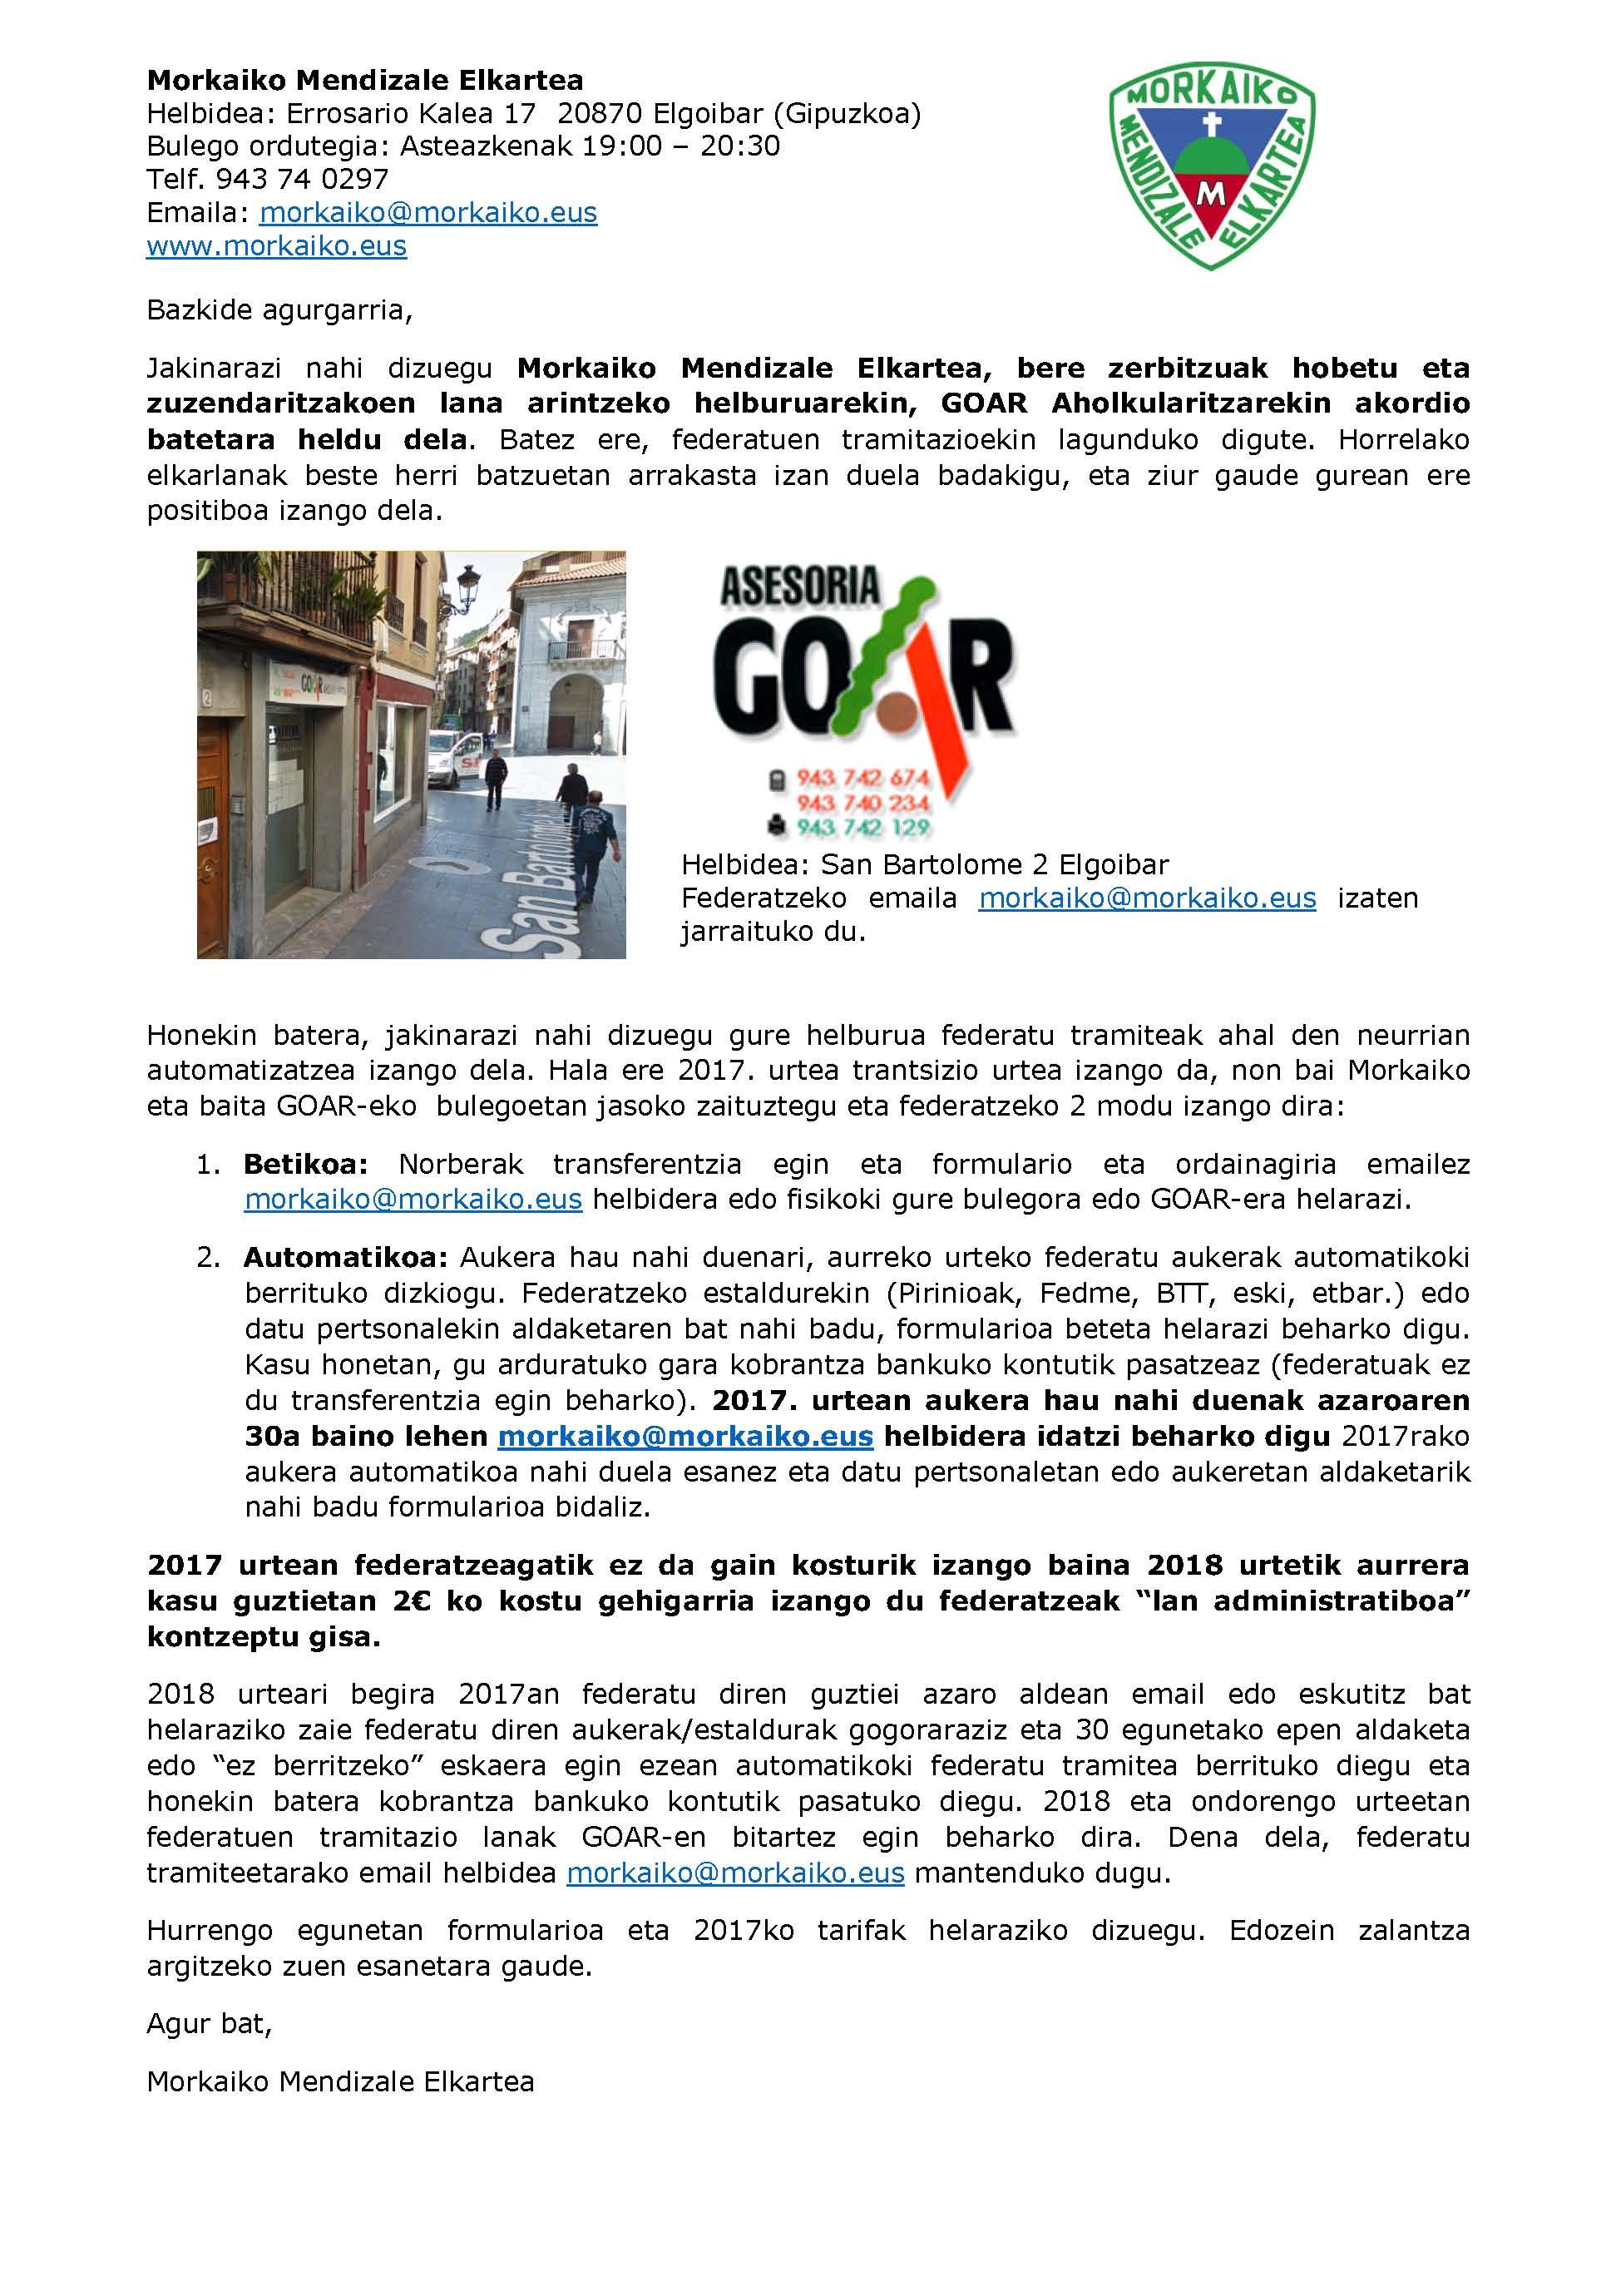 2016-11-8-morkaiko-goar-akordioa-eta-federatuen-automatizazio-helburu